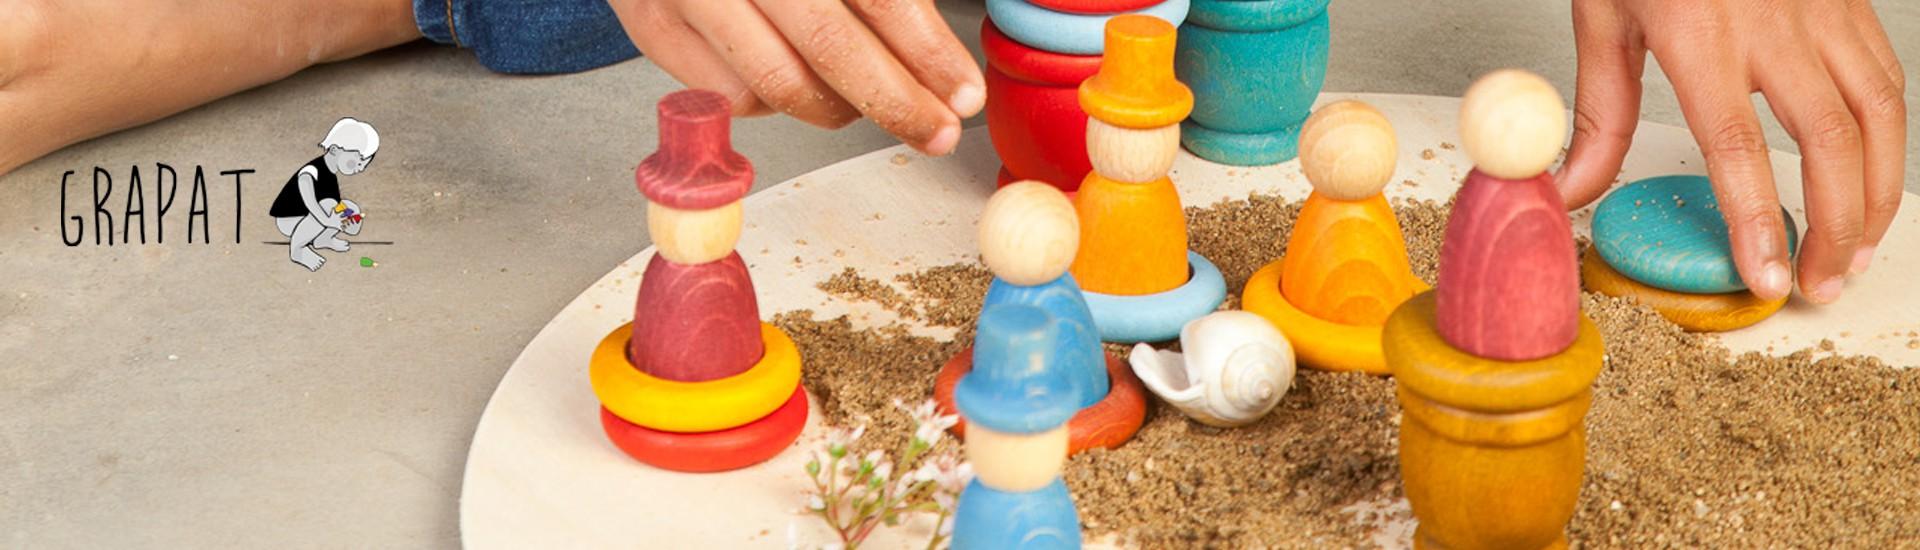 jouets-en-bois-naturel-grapat